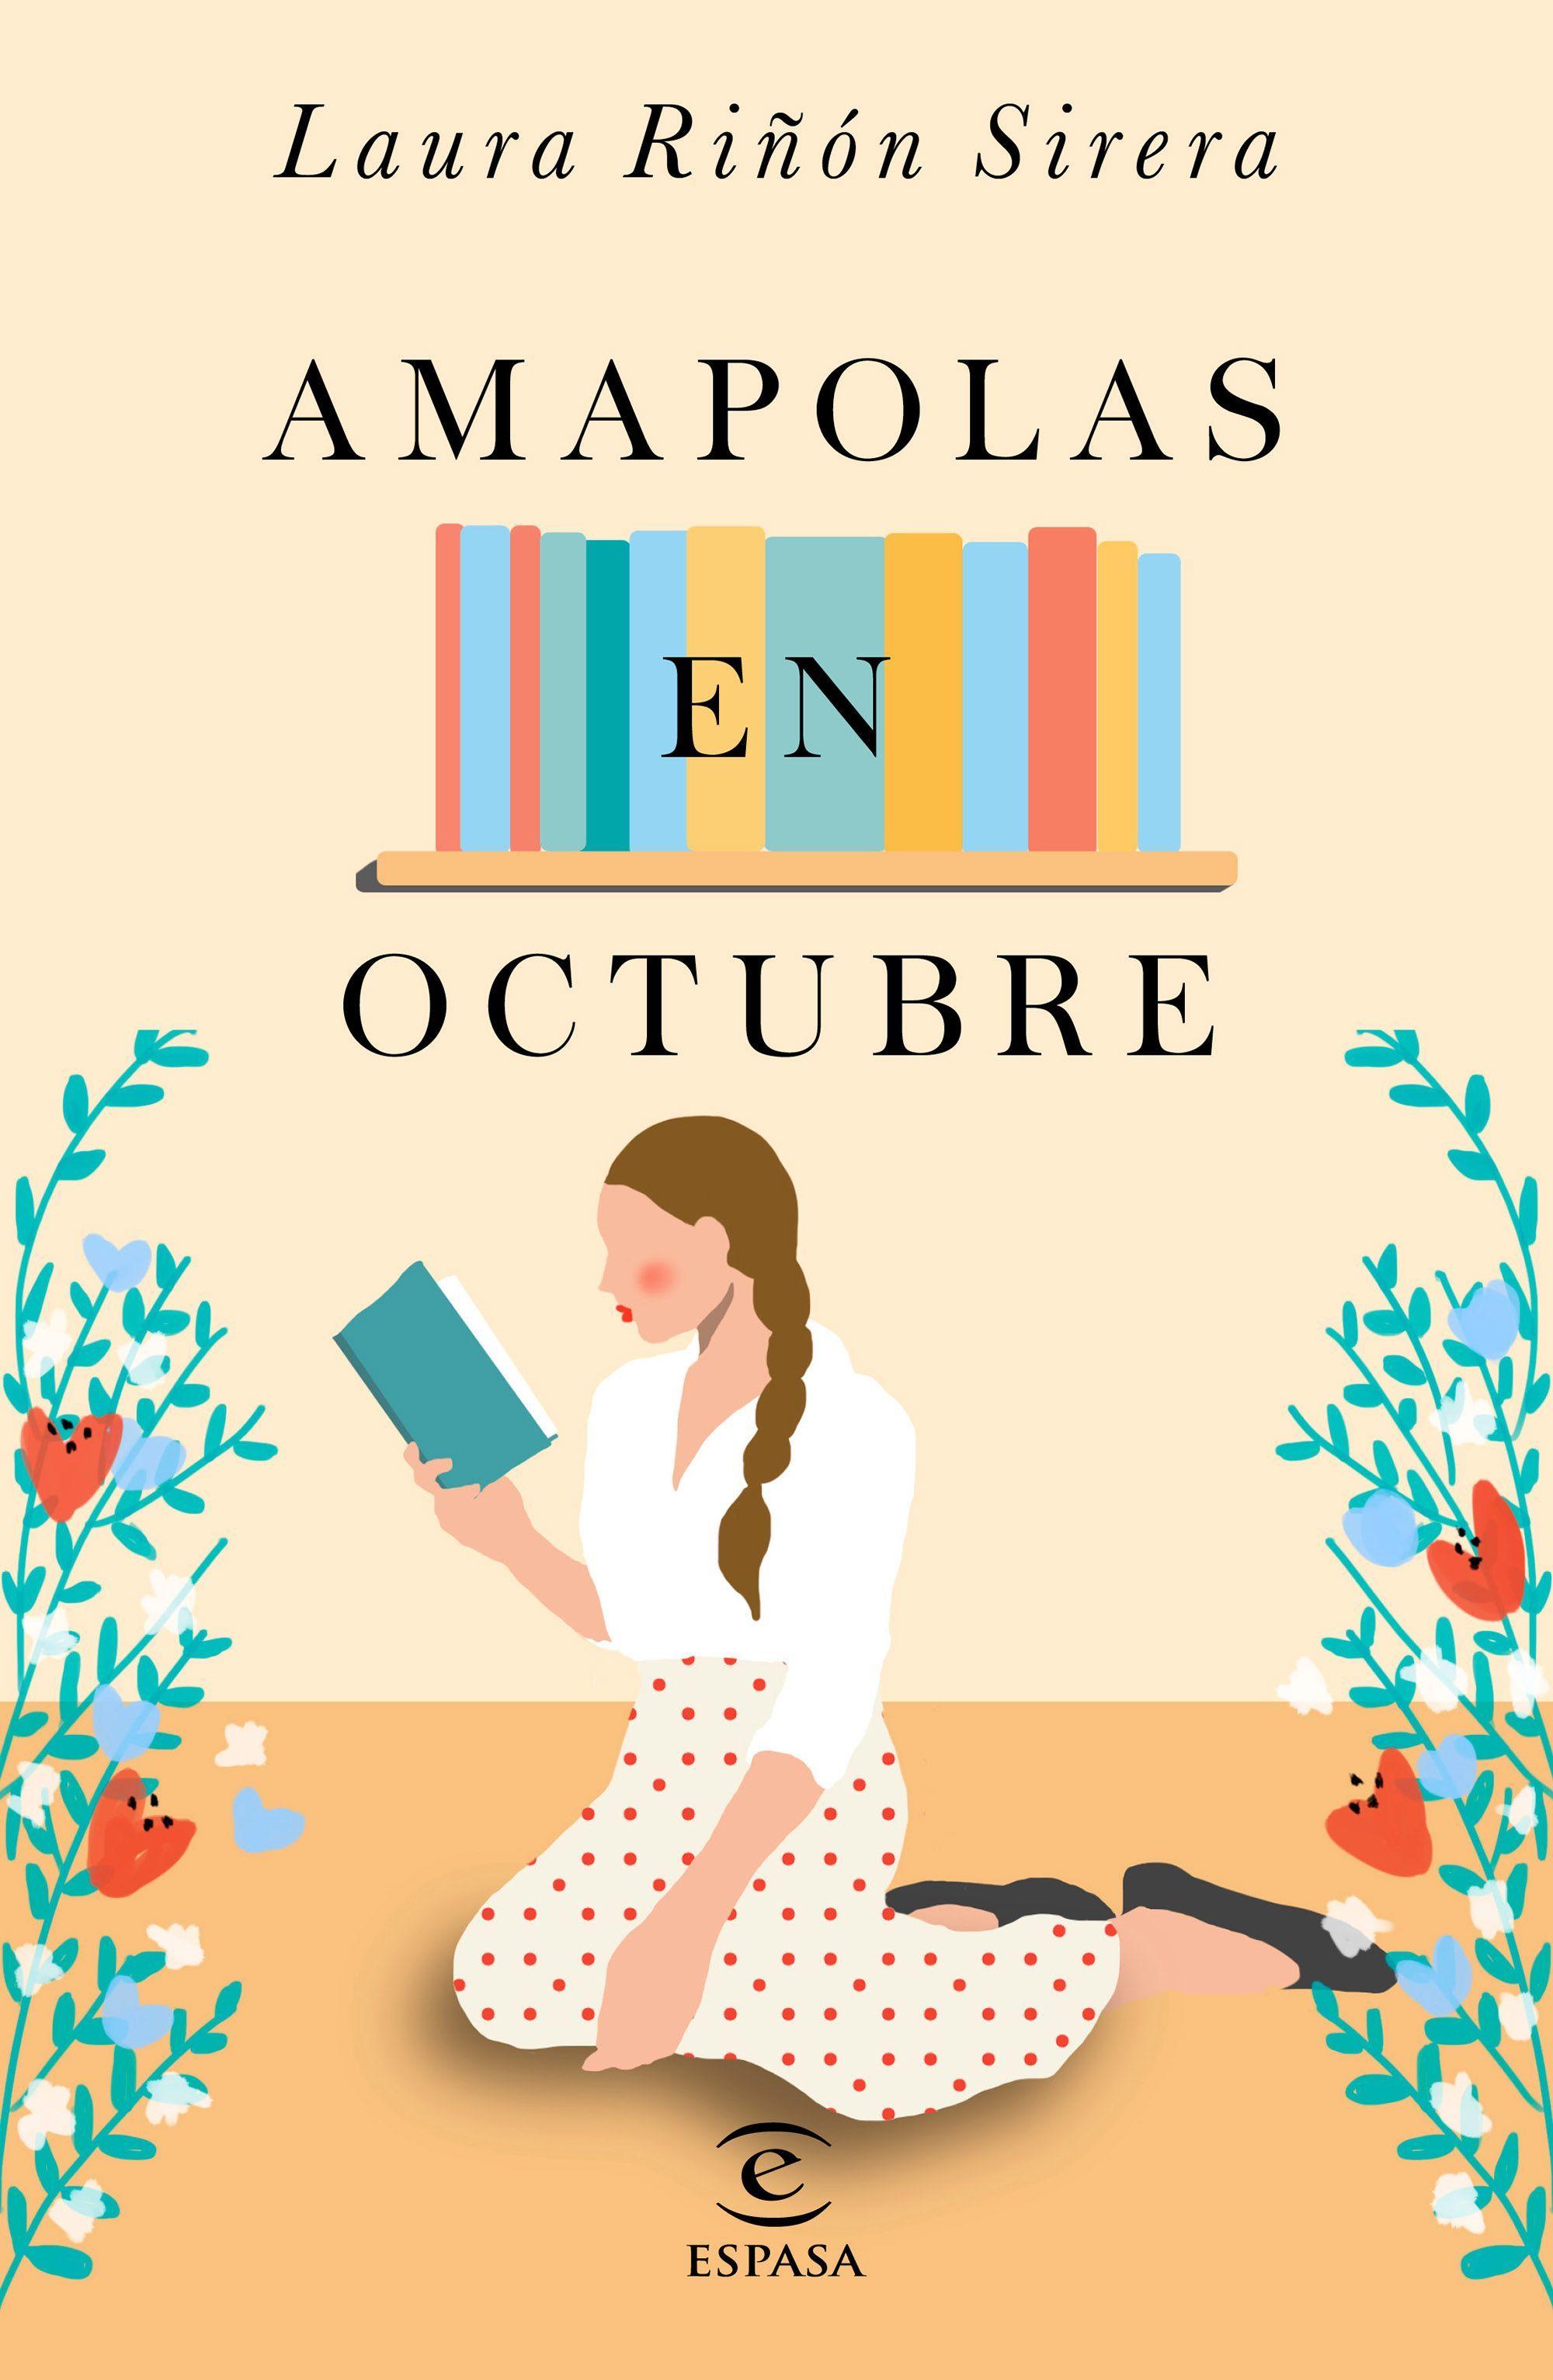 Ficha técnica: Autora: Laura Riñón Sirera Título: Amapolas en ...